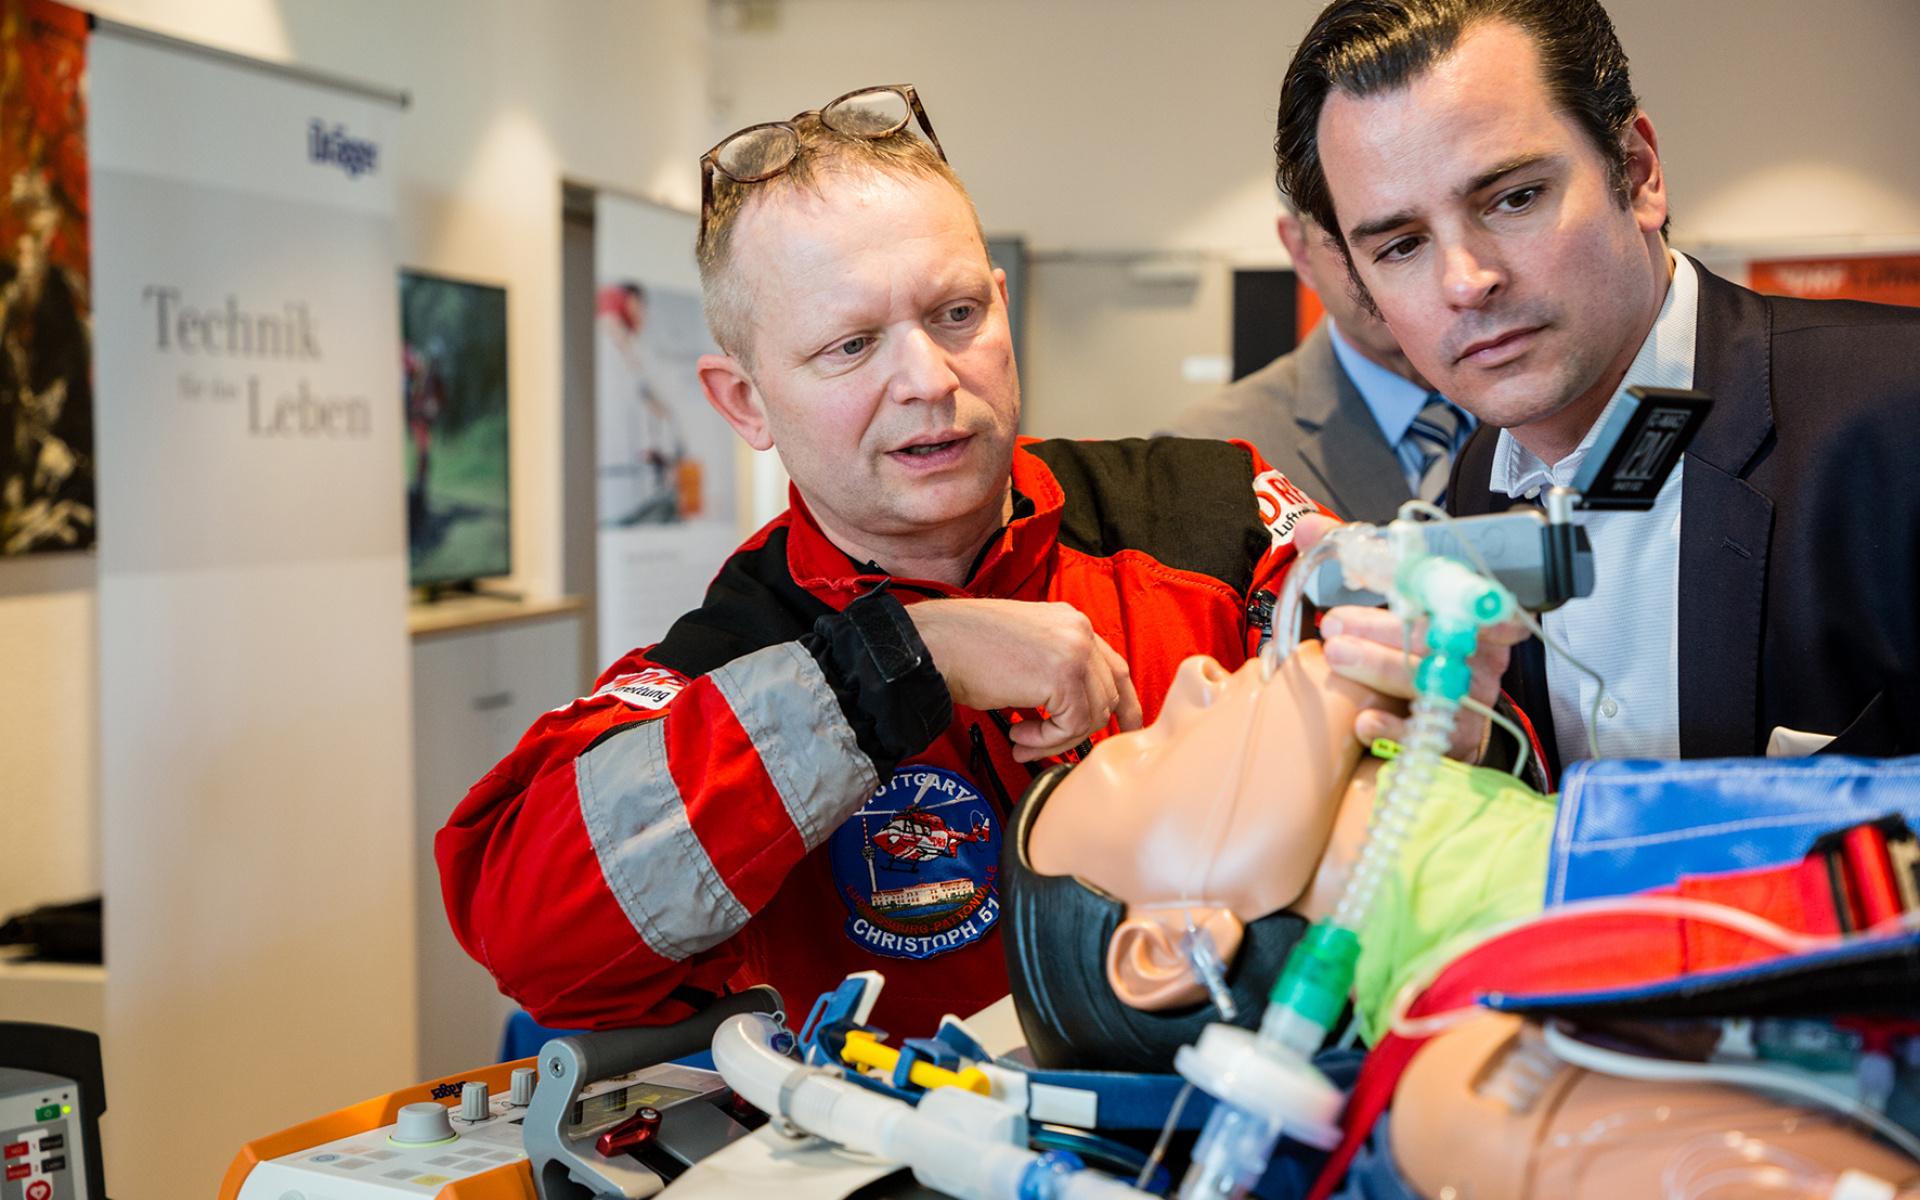 Christof Pfeiffer, Notfallsanitäter und Leiter Arzneimittelmanage-ment der DRF Luftrettung, im Gespräch zum Thema Intensivtransporte mit dem Hubschrauber.